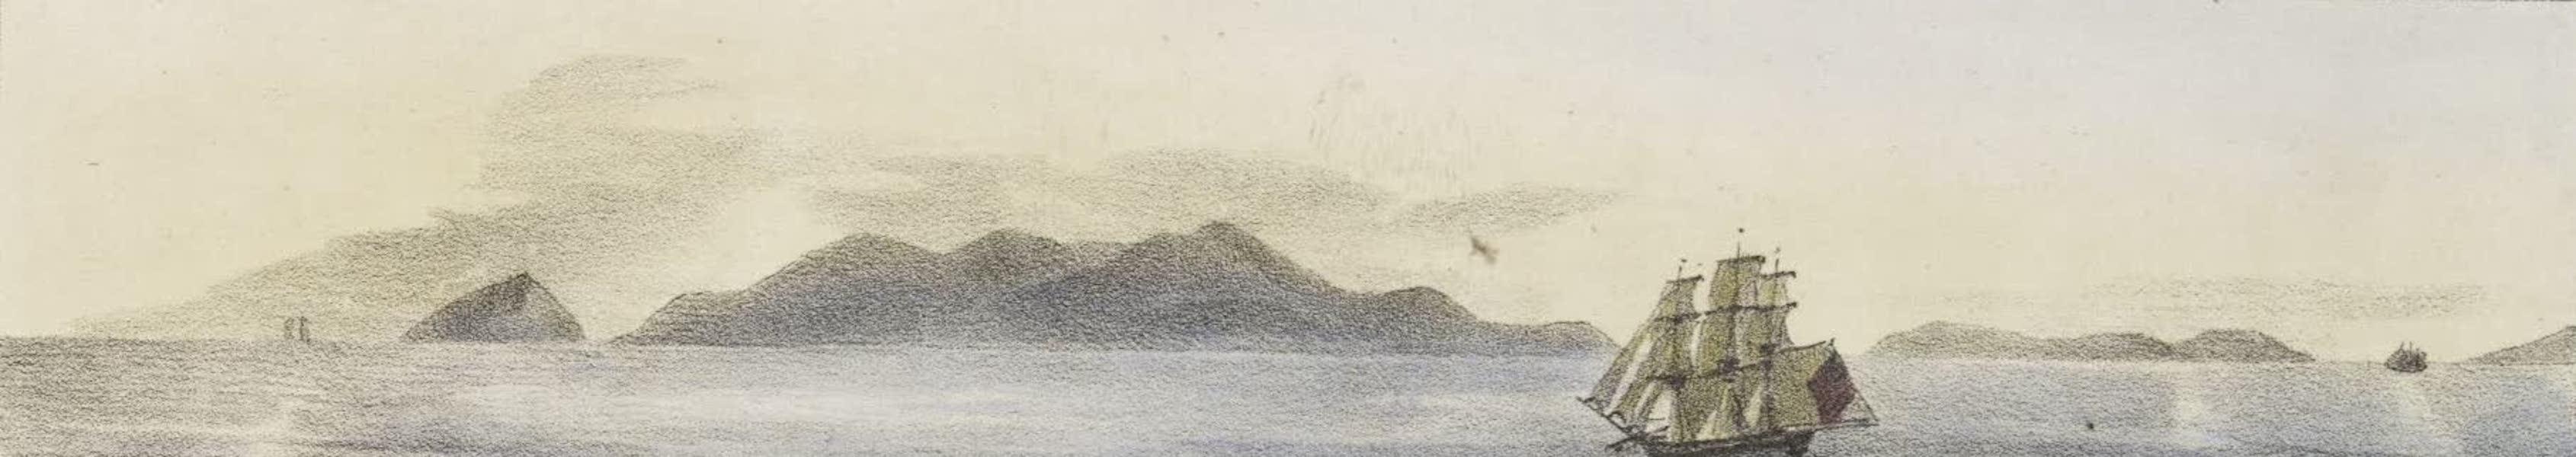 Voyage Pittoresque et Historique au Bresil Vol. 2 - Cap Frio (1835)